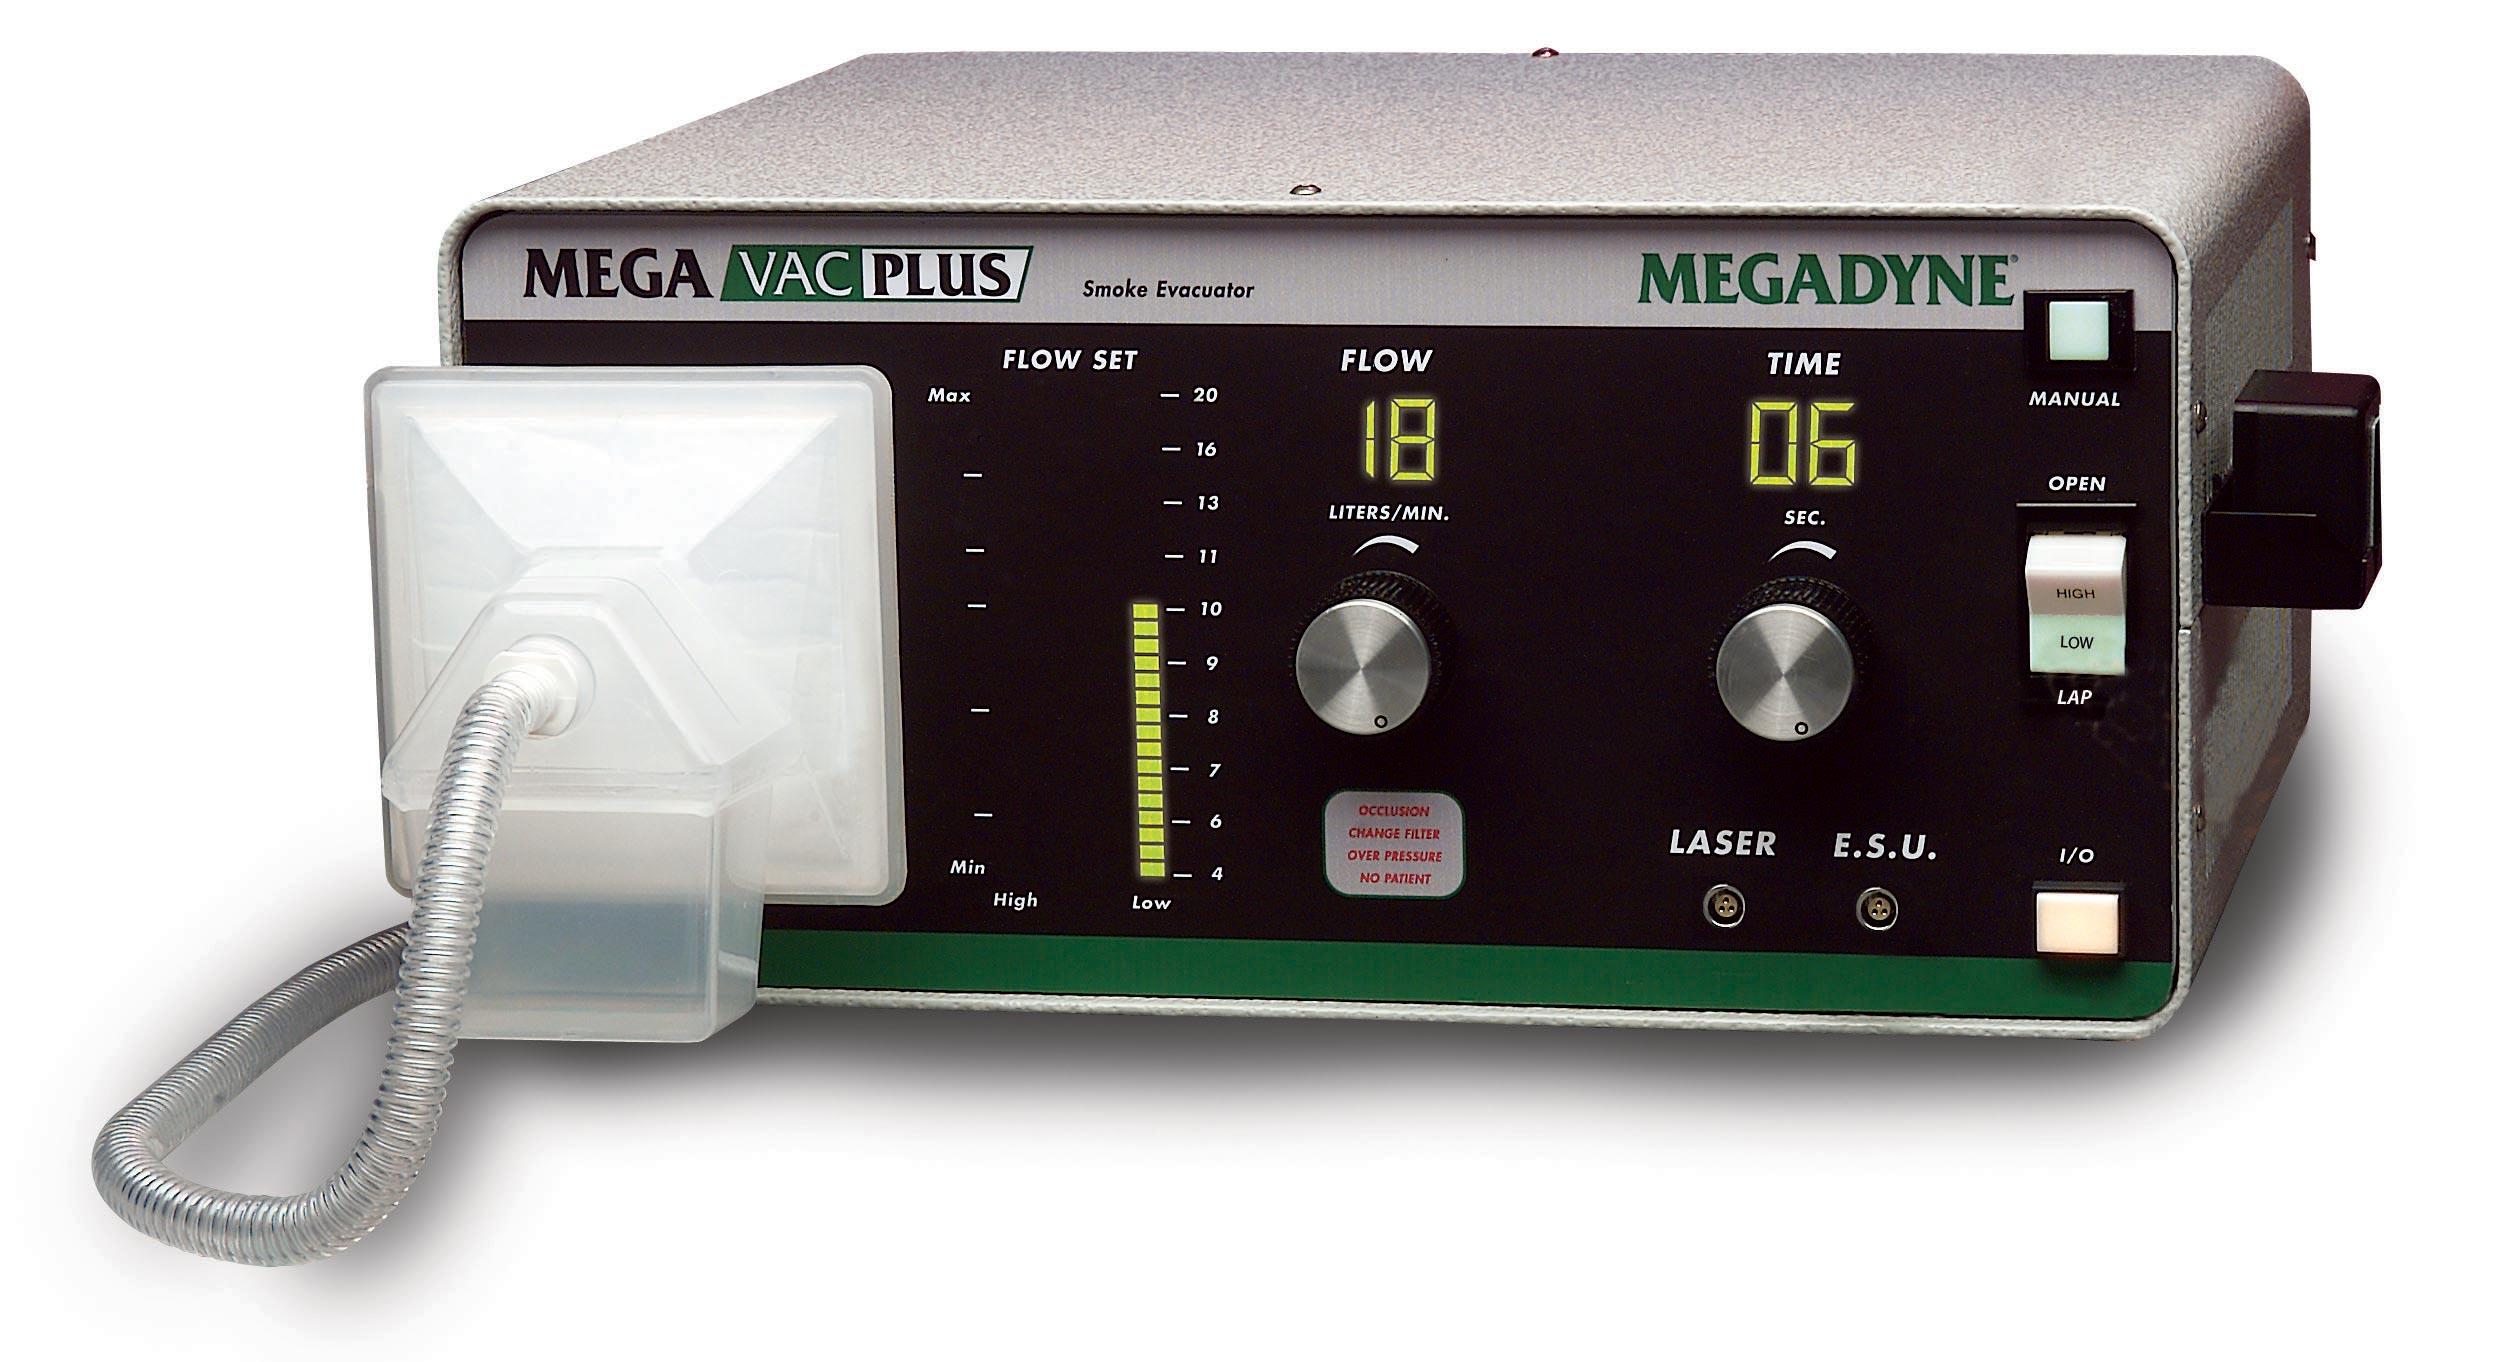 MegaVacPlus_1.jpg